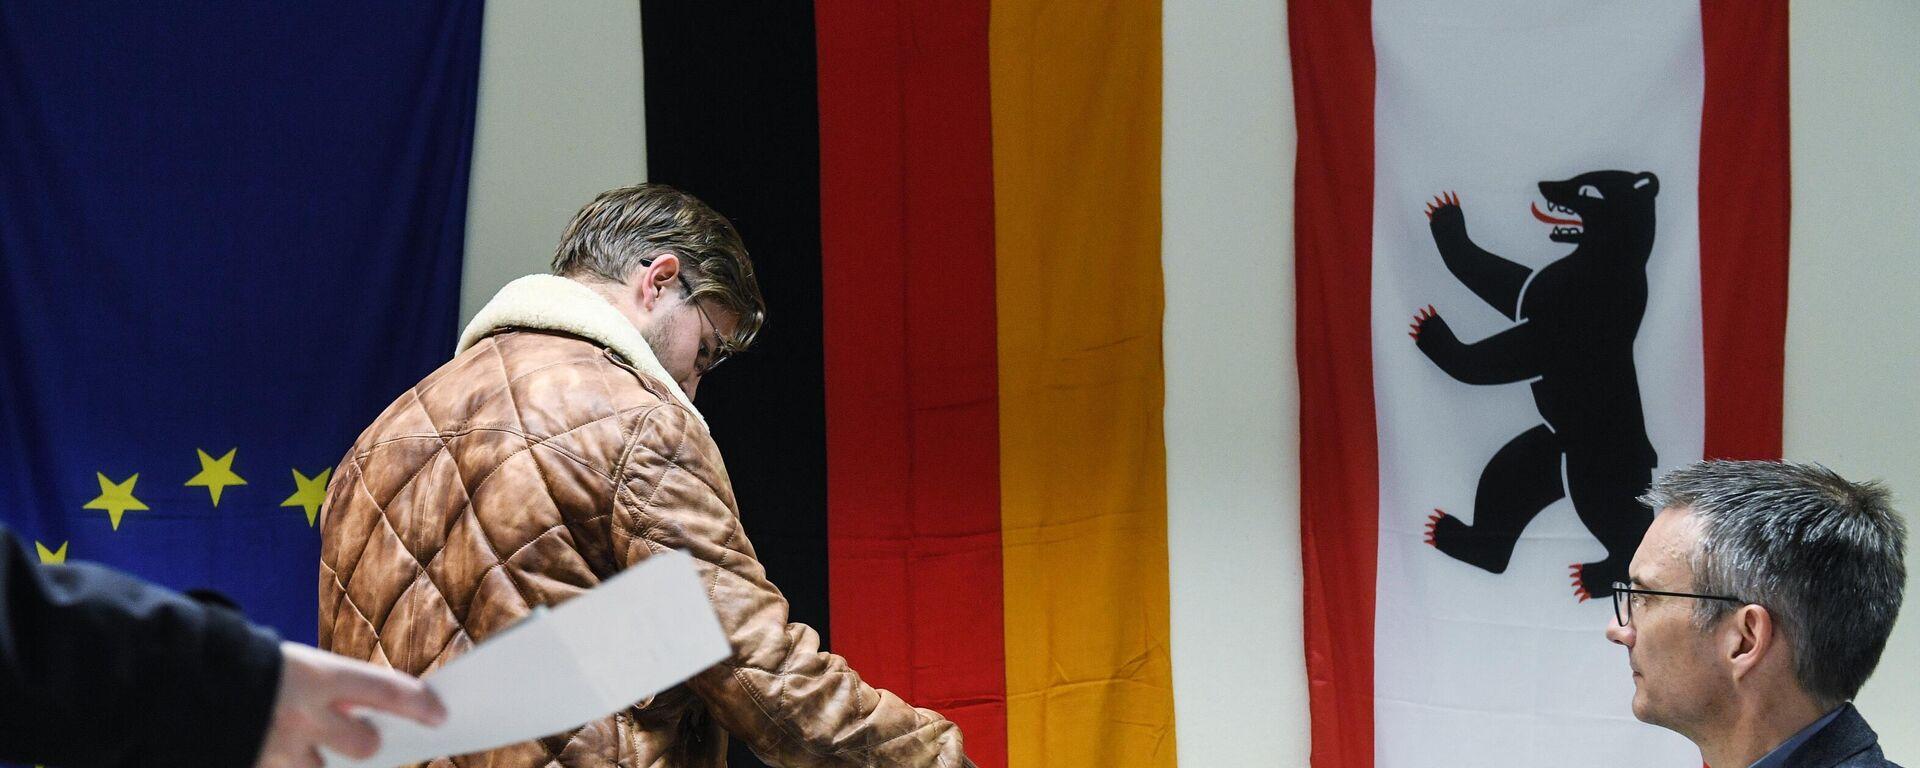 Парламентские выборы в Германии - Sputnik Таджикистан, 1920, 26.09.2021